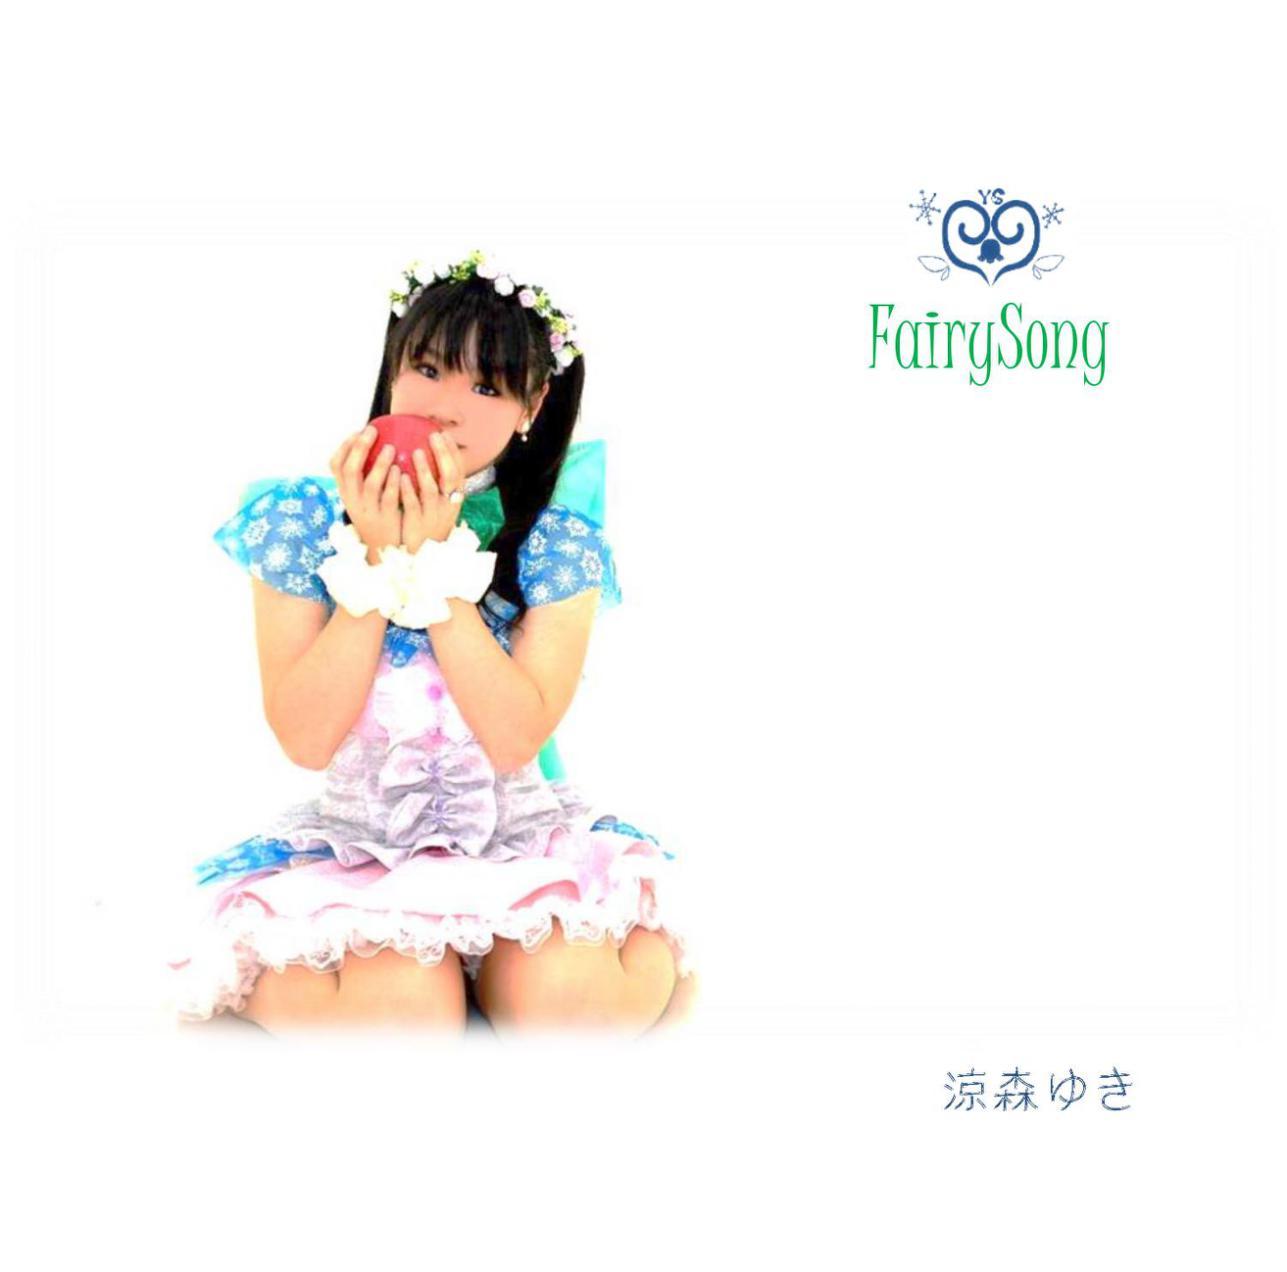 yuki_fairysong